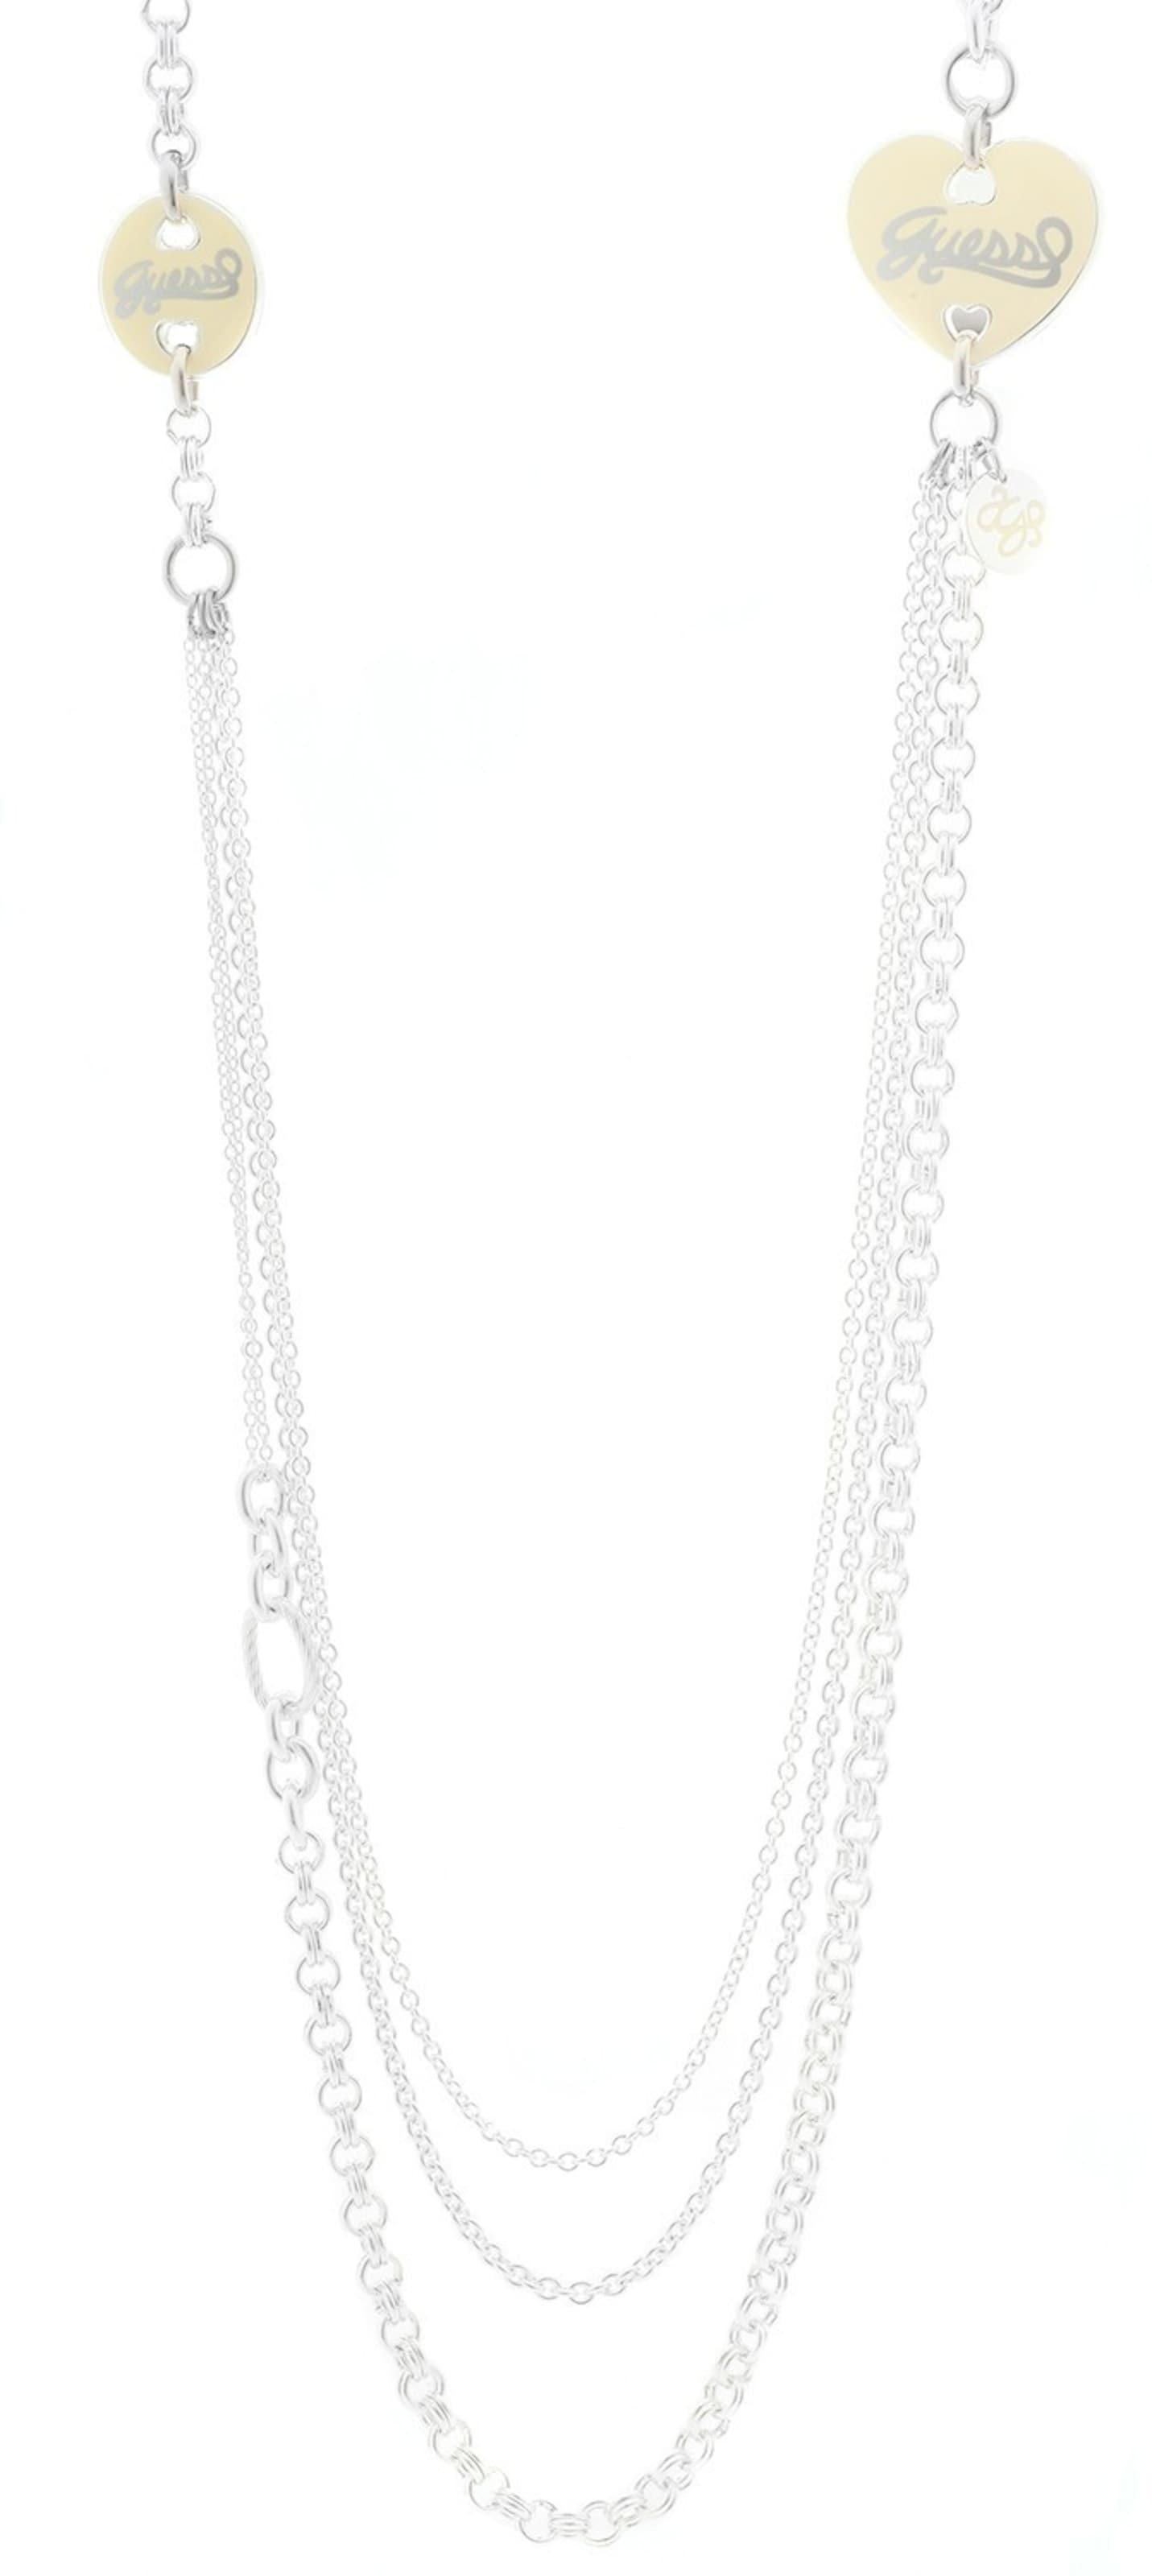 GUESS Halskette Verkauf Niedrig Kosten Neueste Zum Verkauf Billig Ausverkauf Store Erstaunlicher Preis Zu Verkaufen zzmbBWLO